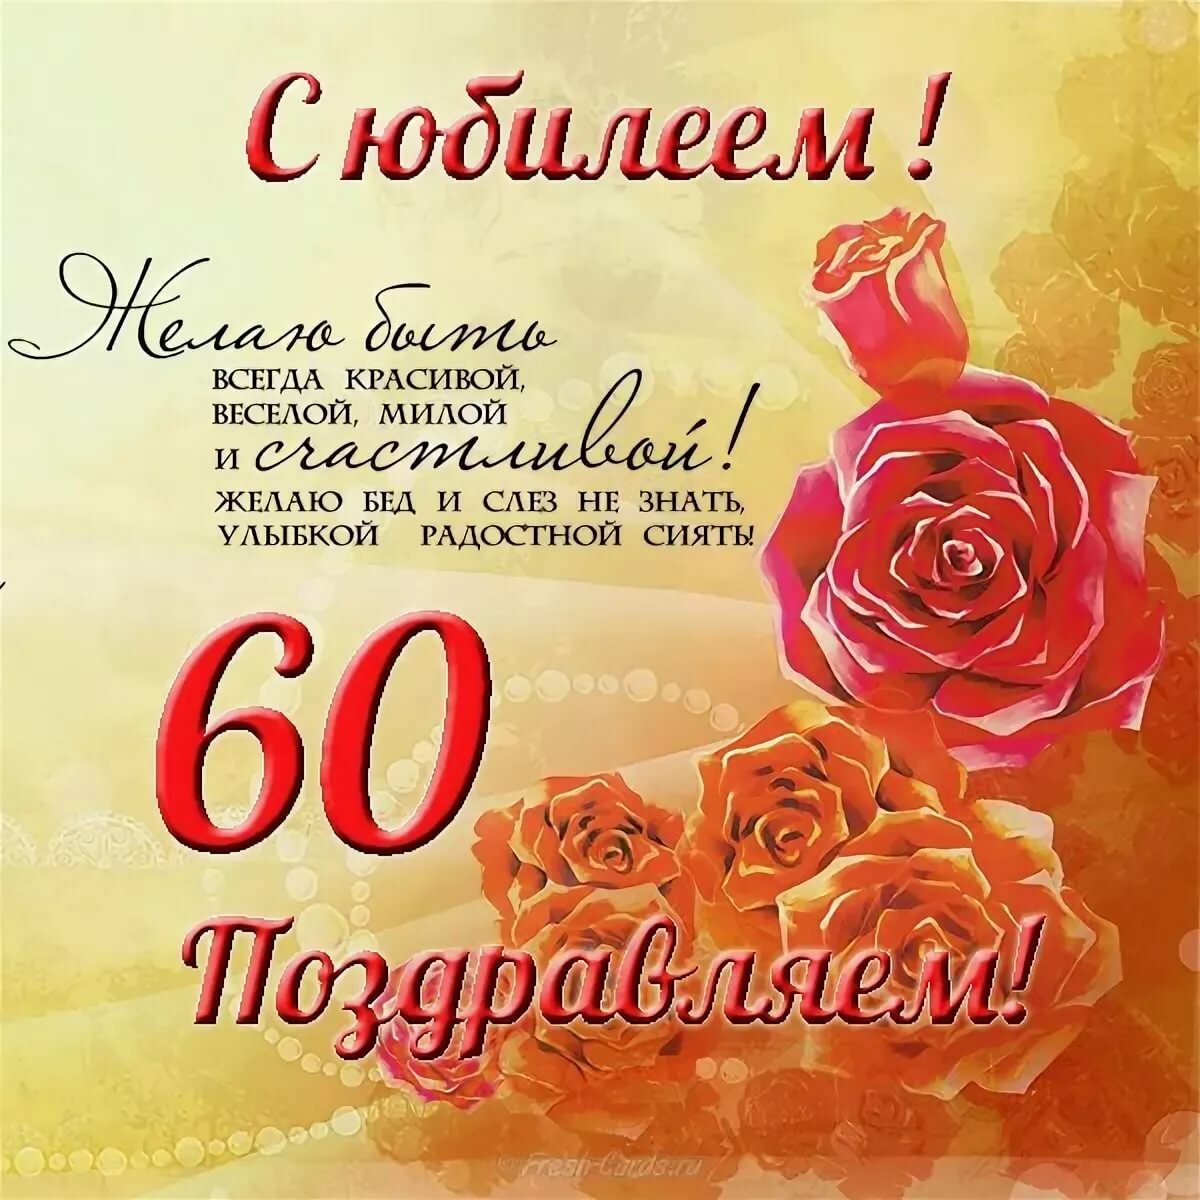 Асия, открытки с поздравлением женщине с юбилеем 50 лет